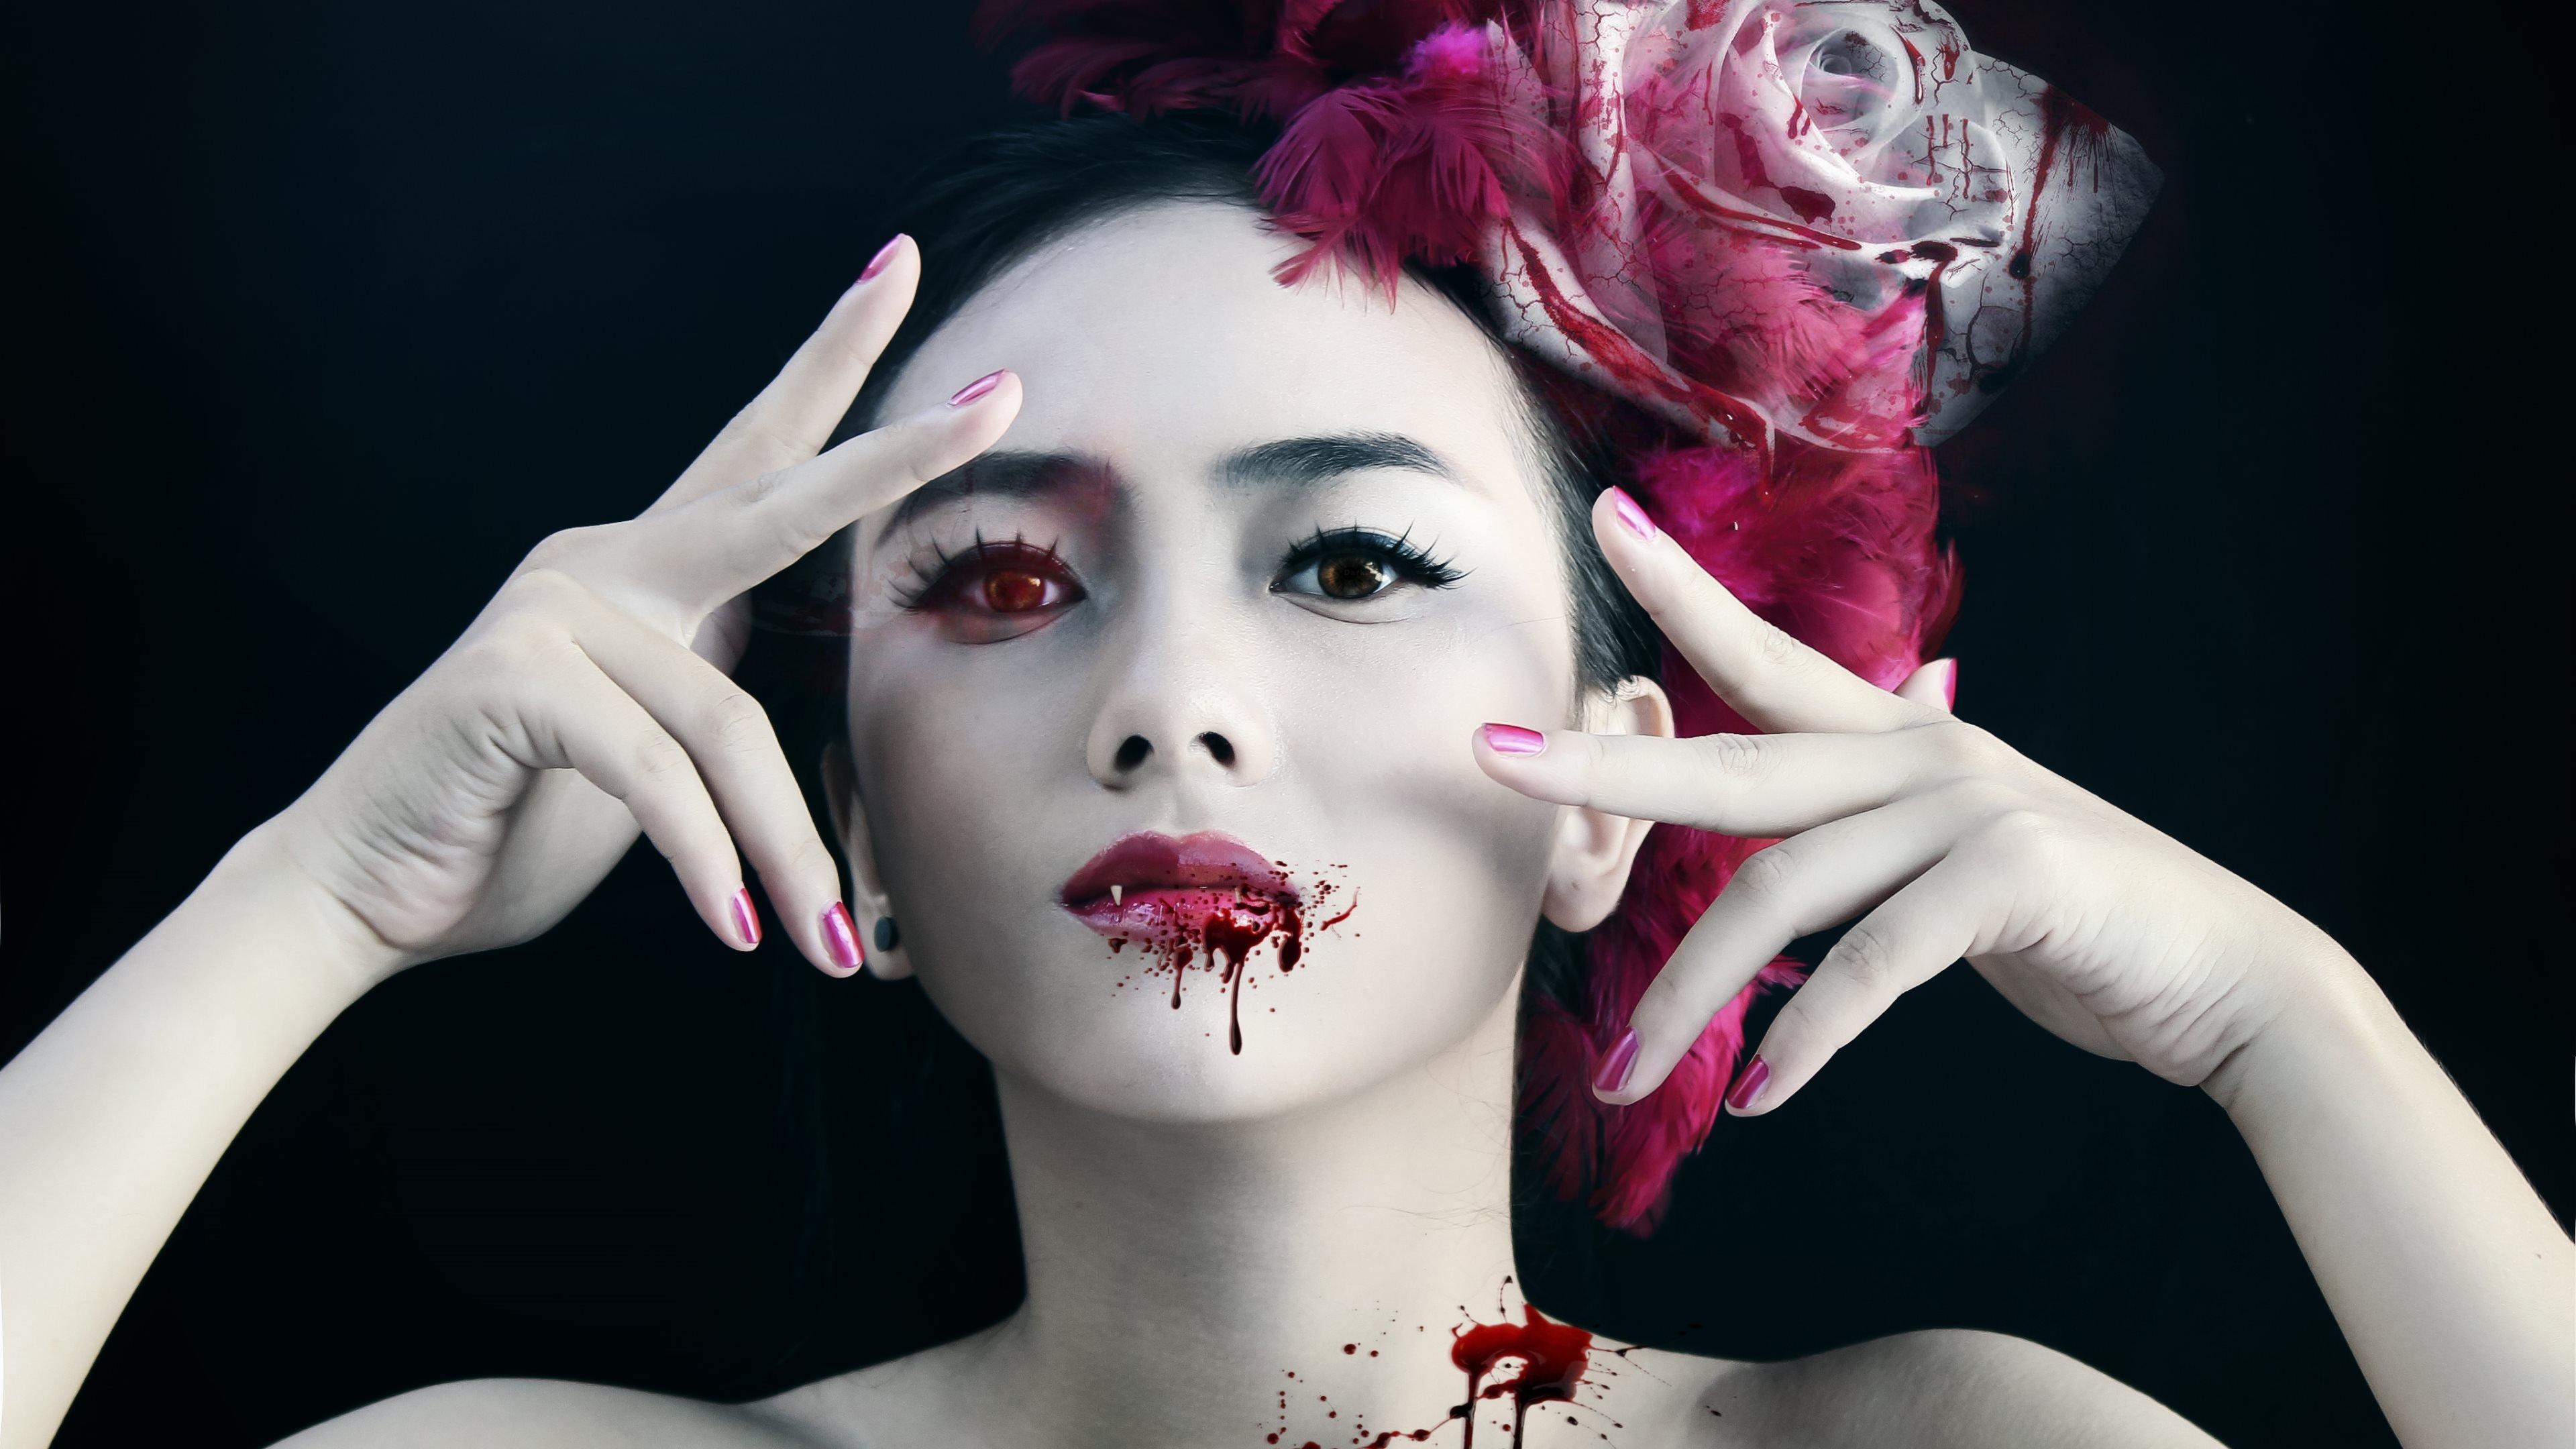 Vampire girl sexual scene